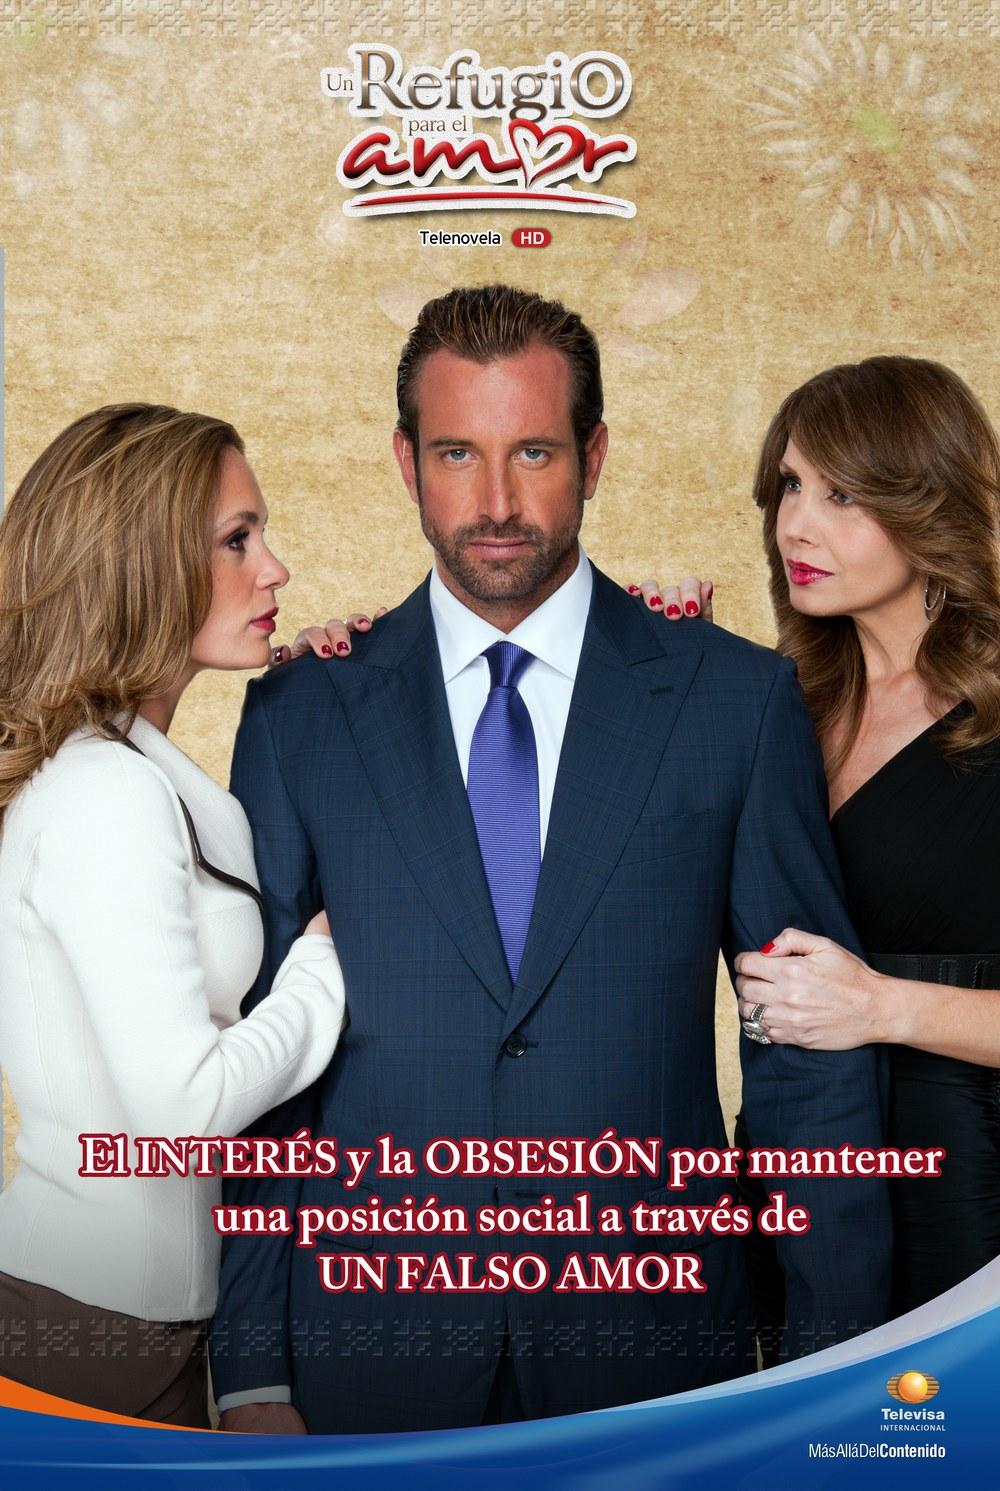 Un refugio para el amor ~ Posters de telenovelas